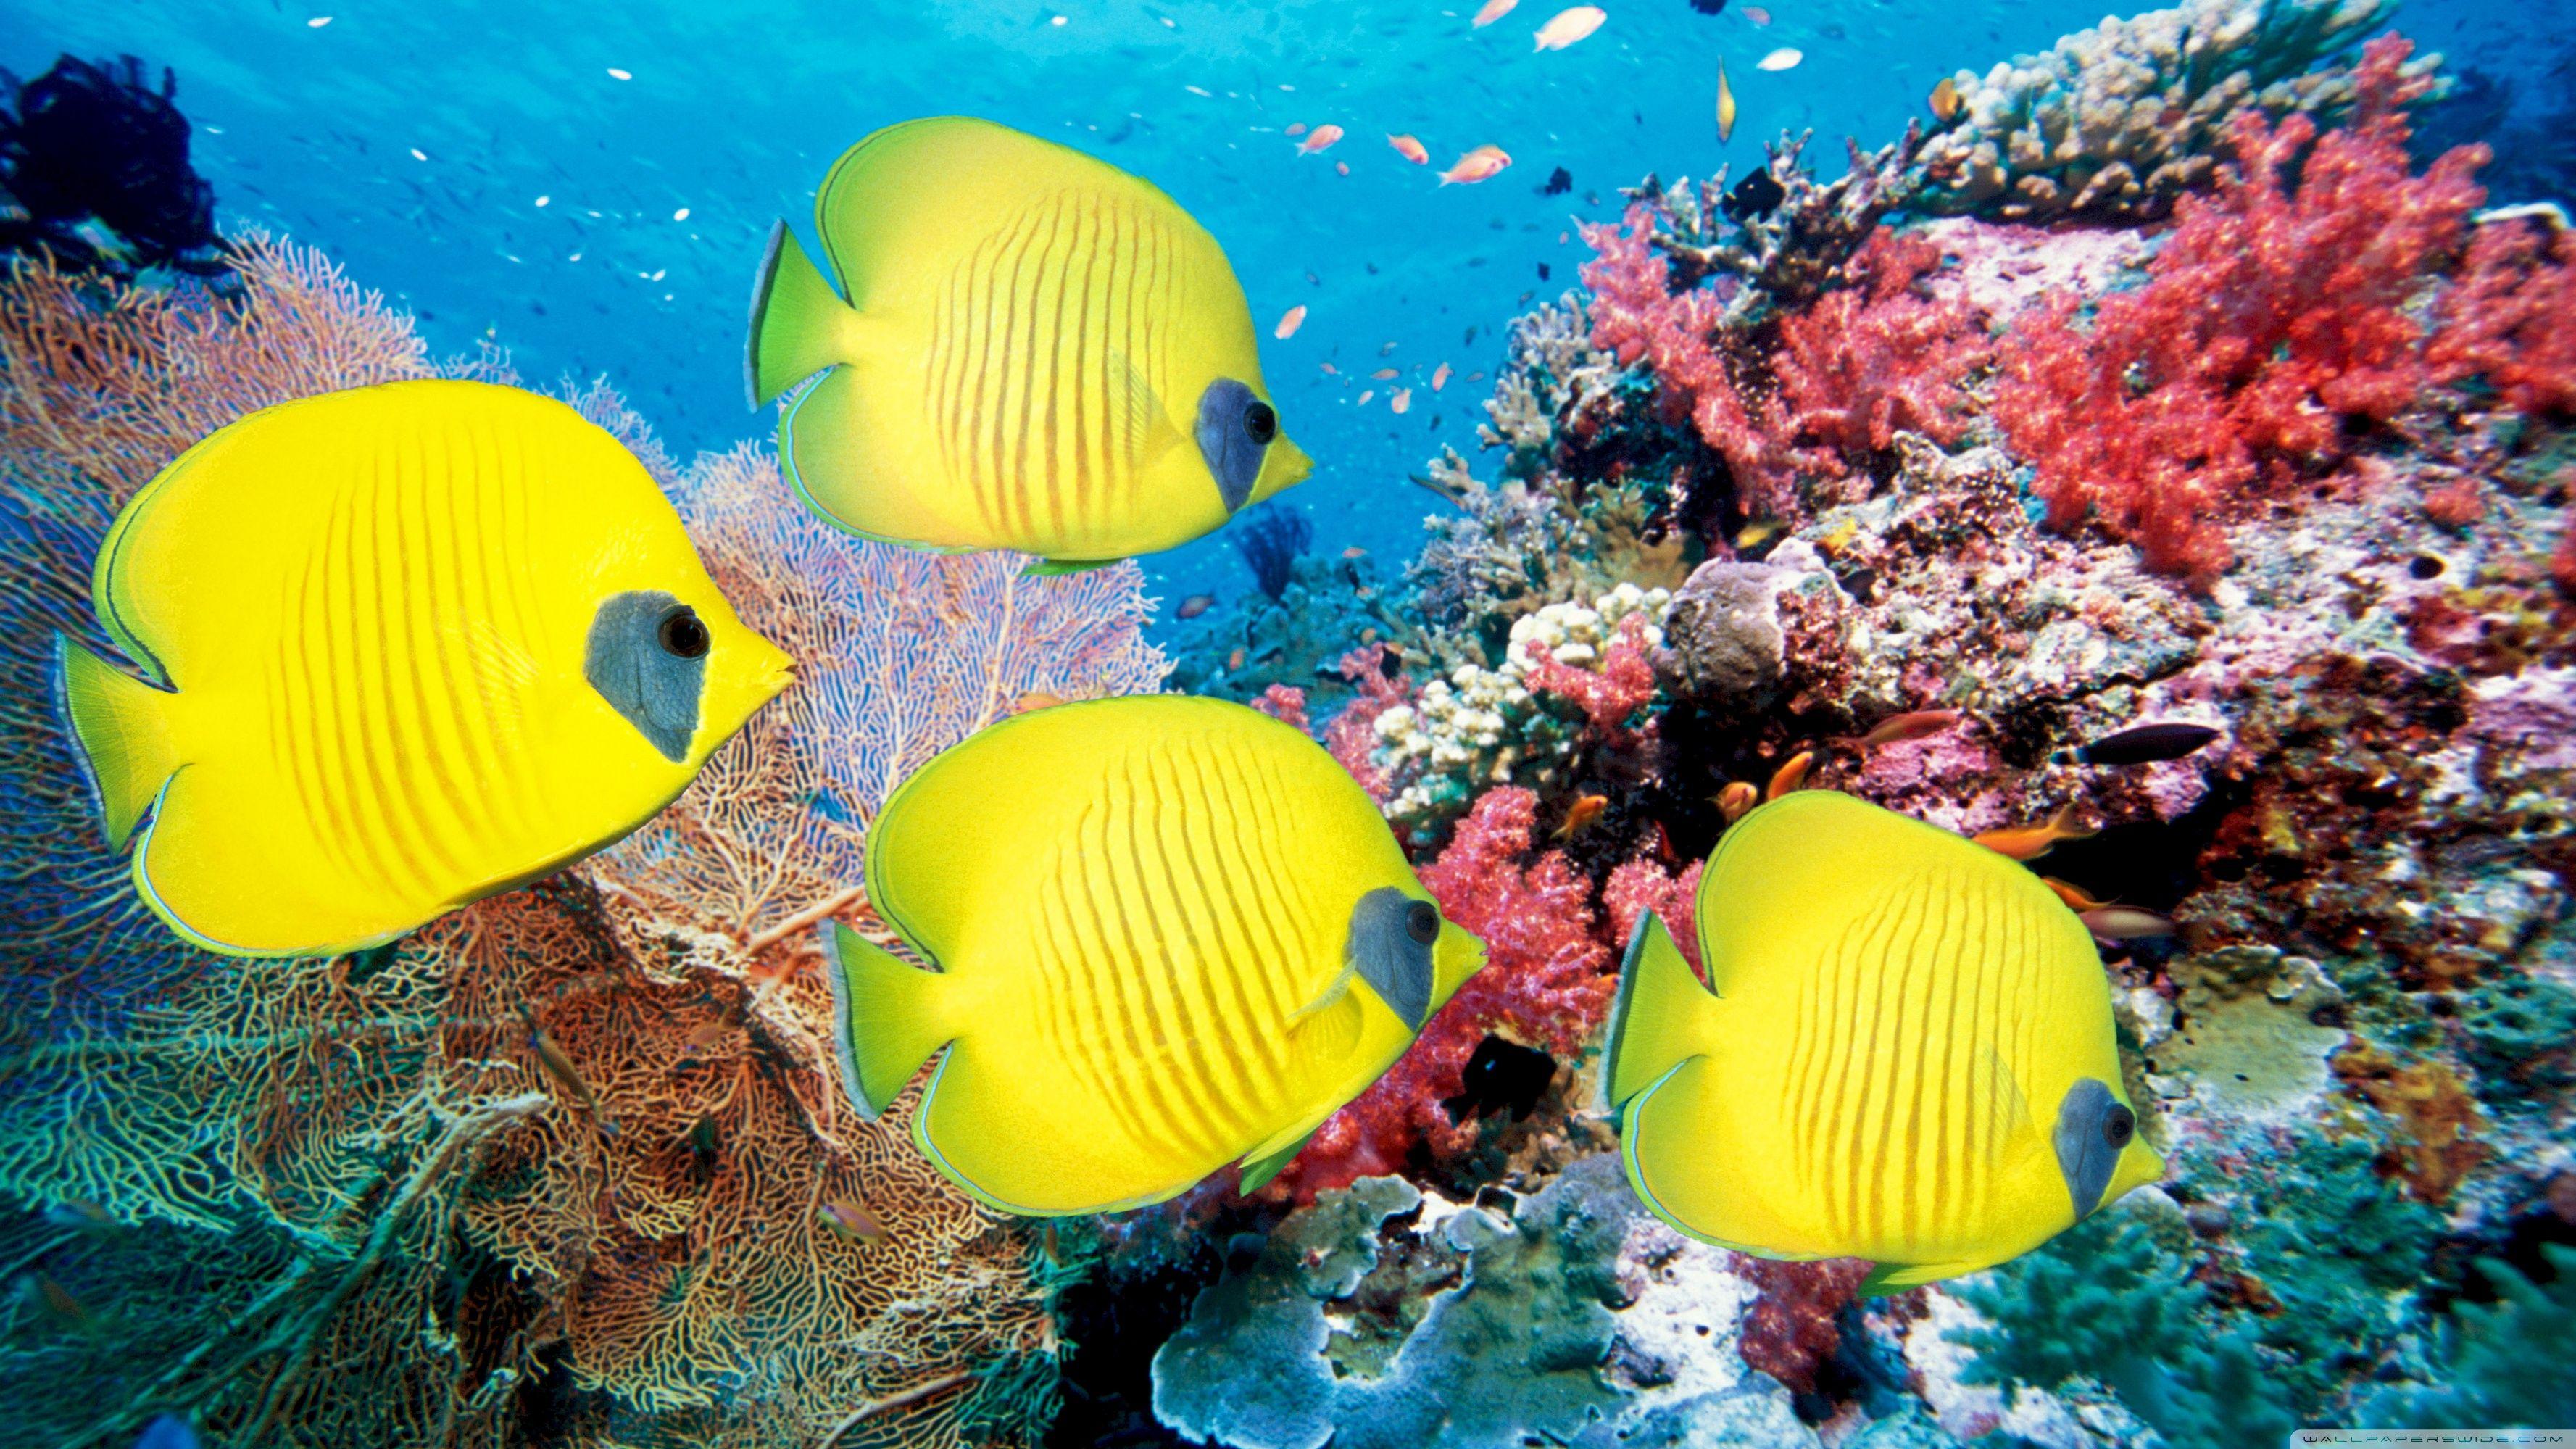 Yellow Butterfly Fish Hd Desktop Wallpaper Widescreen High Fish Wallpaper Tropical Fish Beautiful Fish